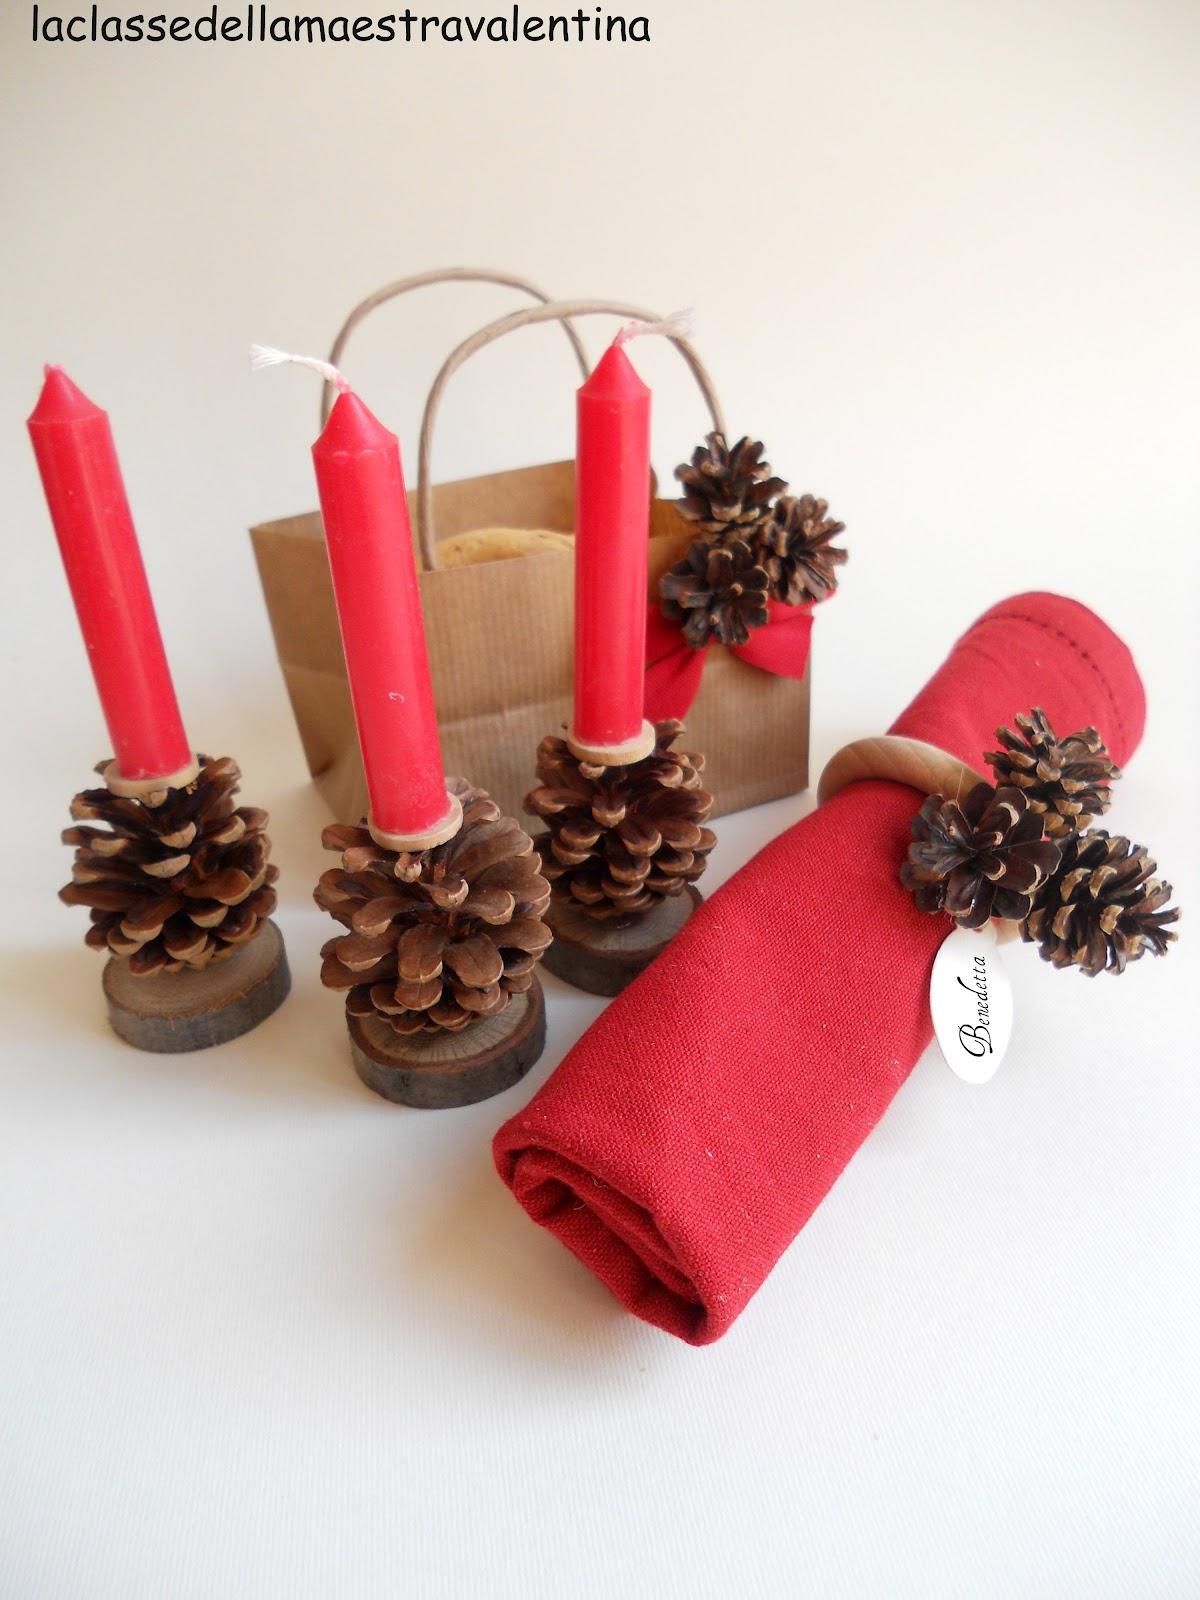 La classe della maestra valentina decorazioni per la tavola di natale - La tavola di natale decorazioni ...